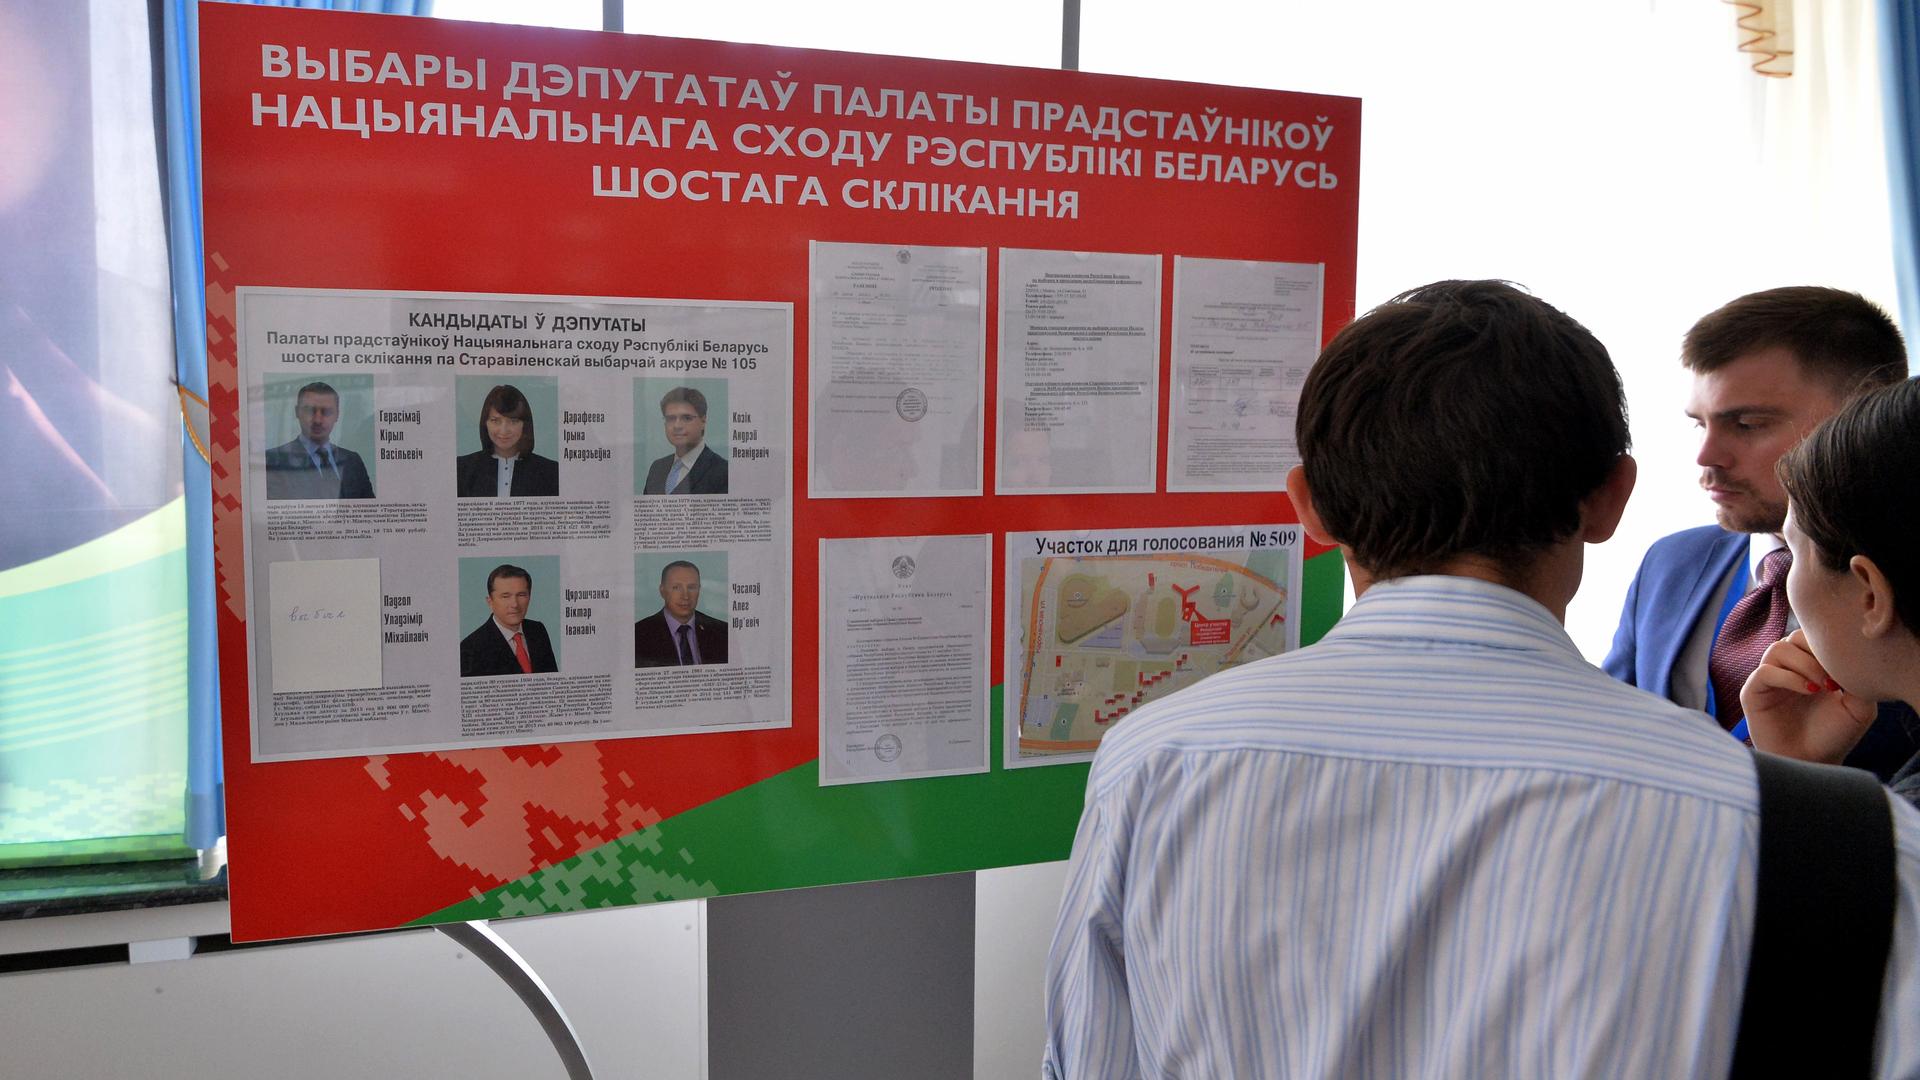 Оппозиция в парламенте Белоруссии: кто и зачем спонсирует «демократические» силы Минска